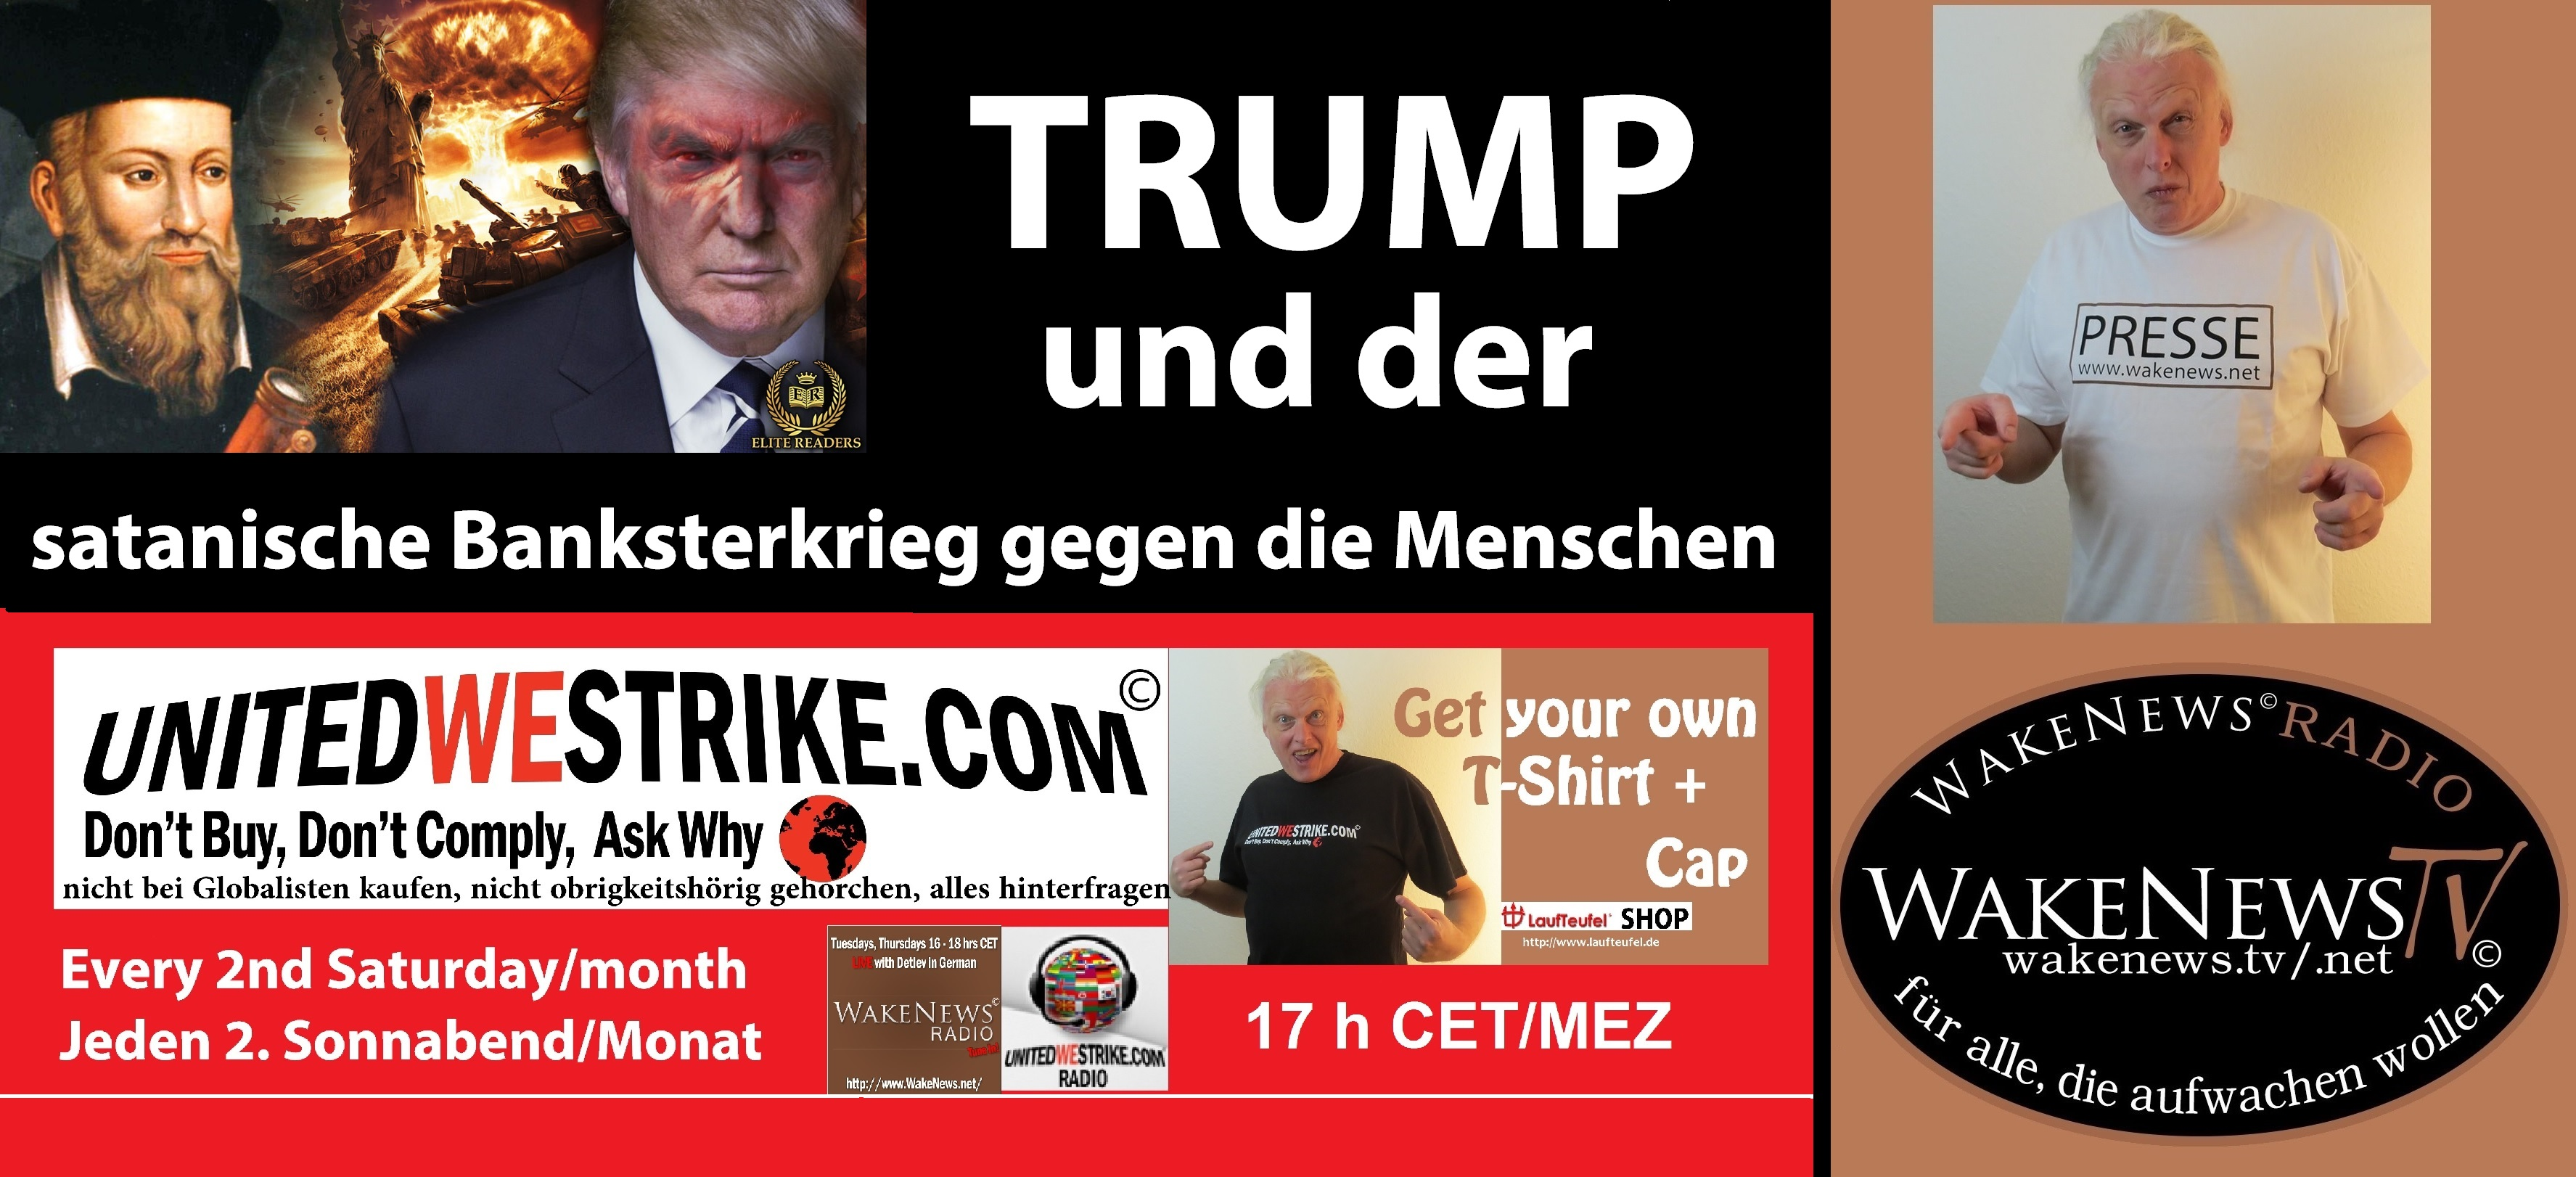 https://mywakenews.files.wordpress.com/2017/04/trump-und-der-satanische-banksterkrieg-gegen-die-menschen.jpg